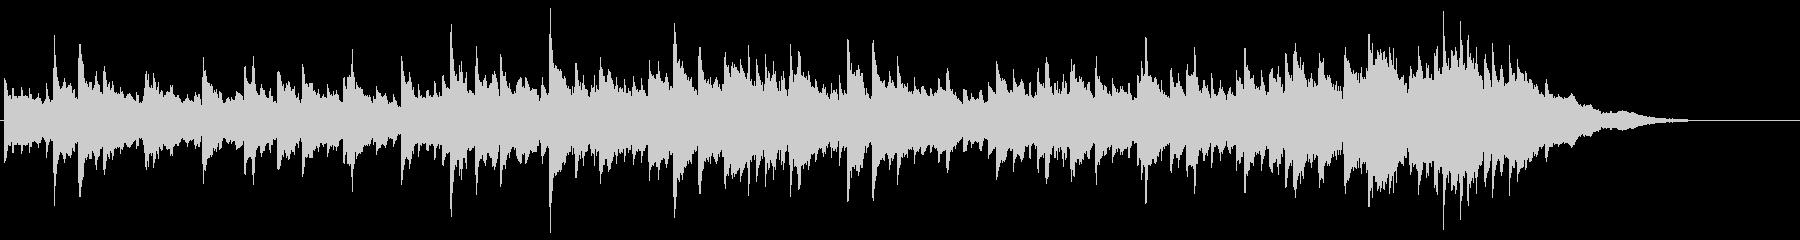 ノクターン 第5番(フィールド作曲)の未再生の波形